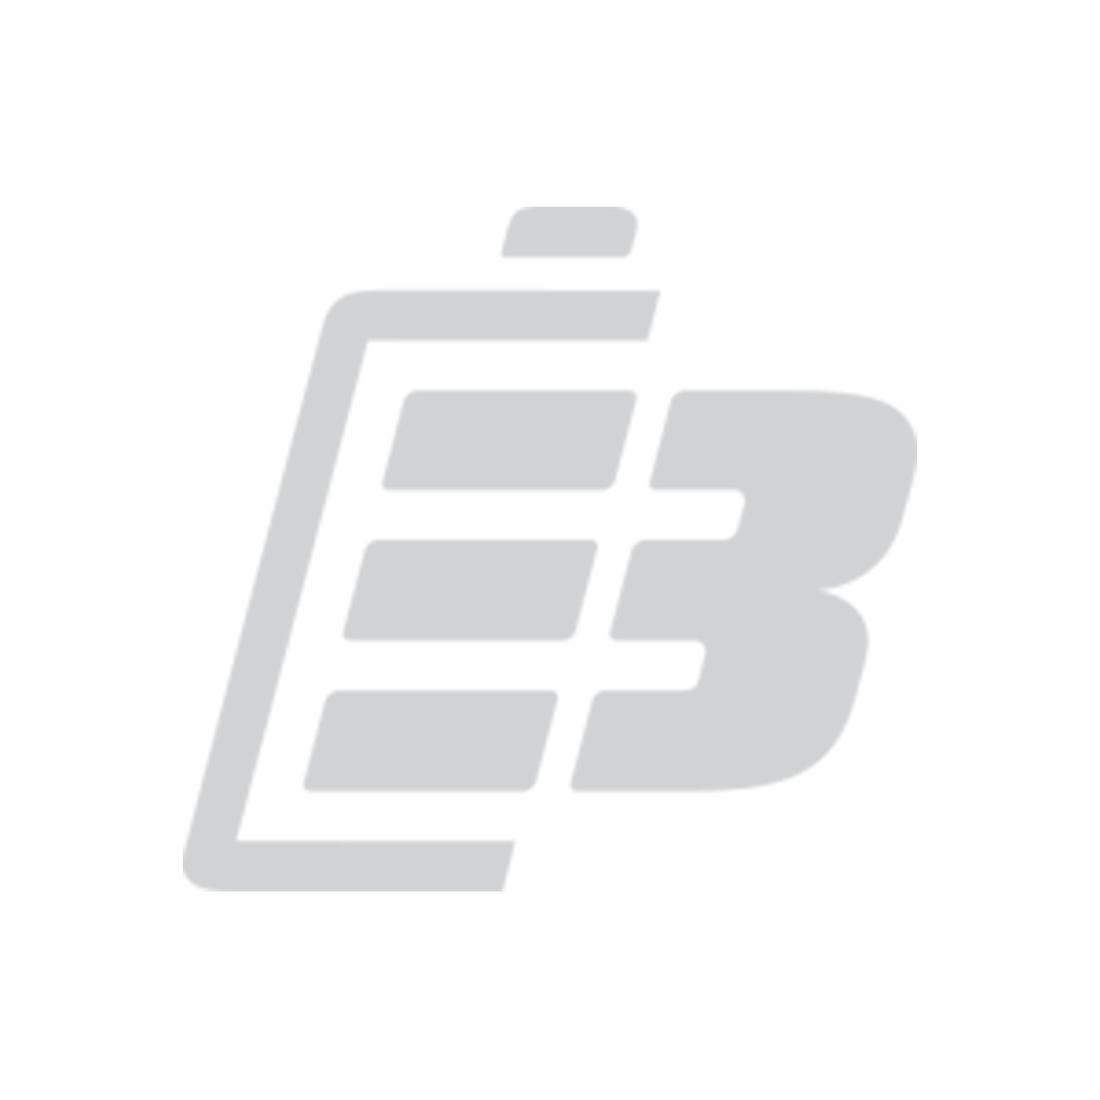 Φακοι ποδηλασιας